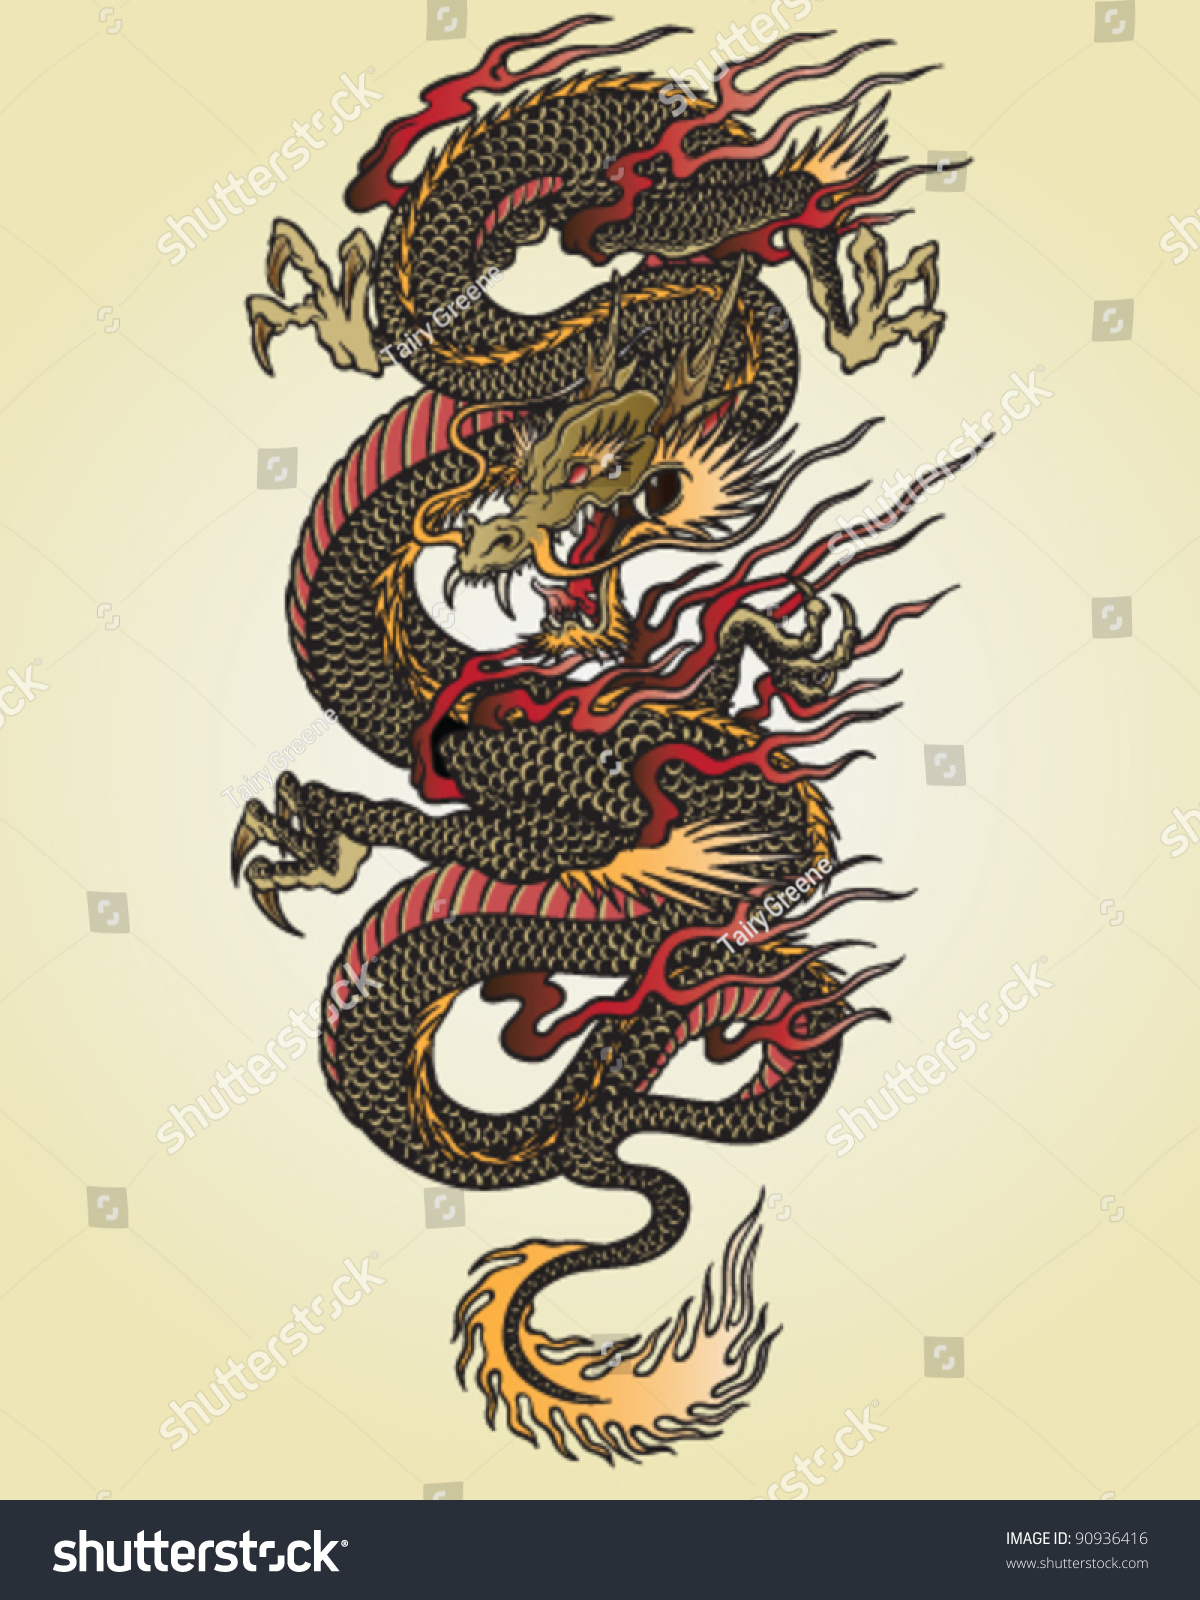 Asian Tattoos Illustrations: Full Color Asian Dragon Tattoo Illustration Stock Vector